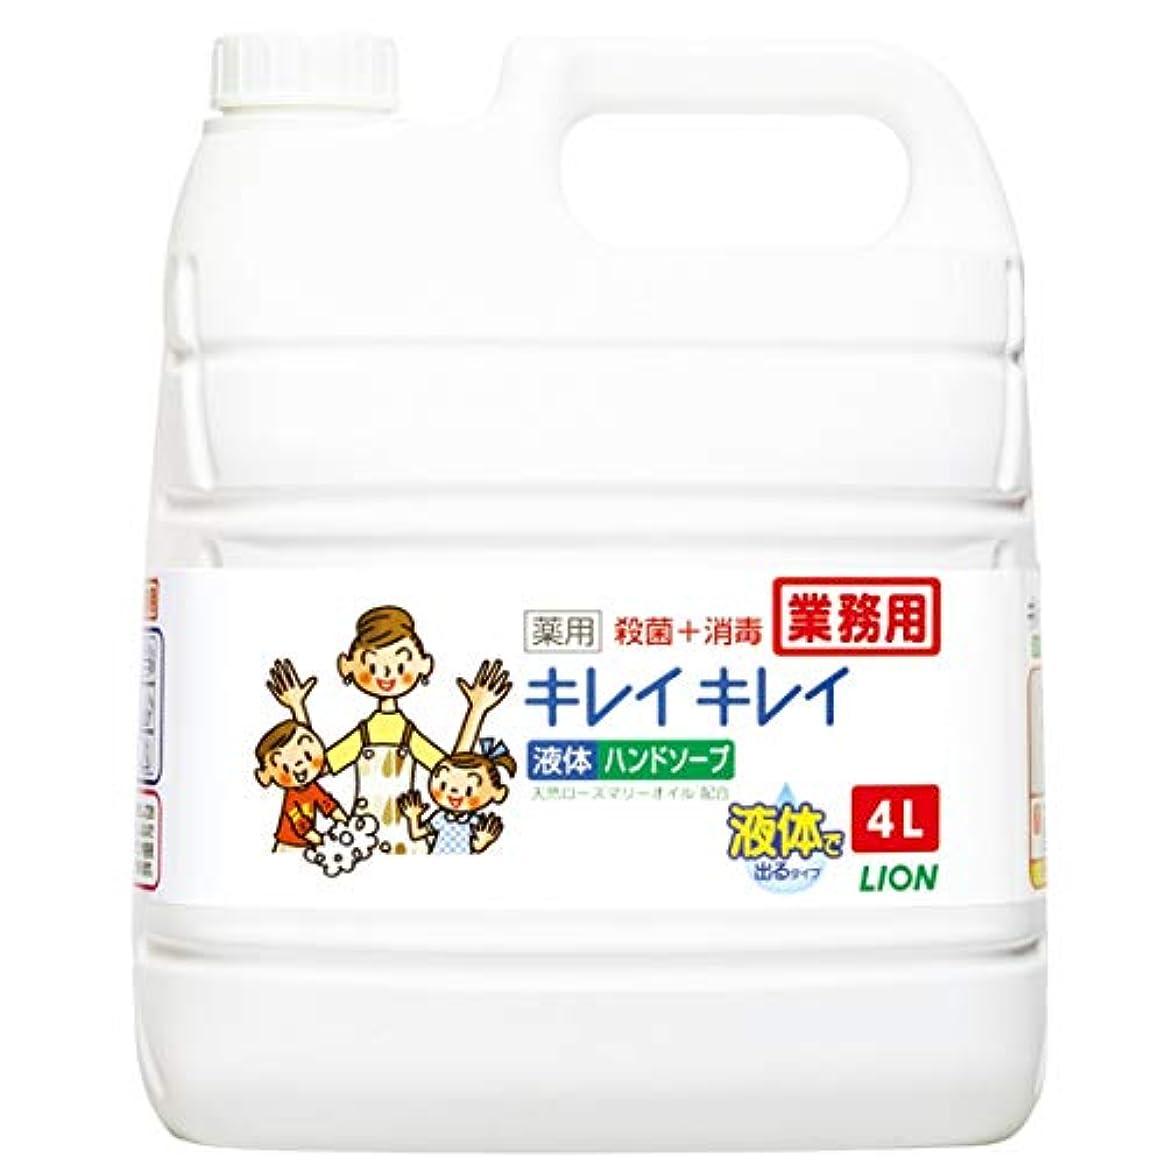 日食カロリー今晩【業務用 大容量】キレイキレイ 薬用 ハンドソープ  4L(医薬部外品)